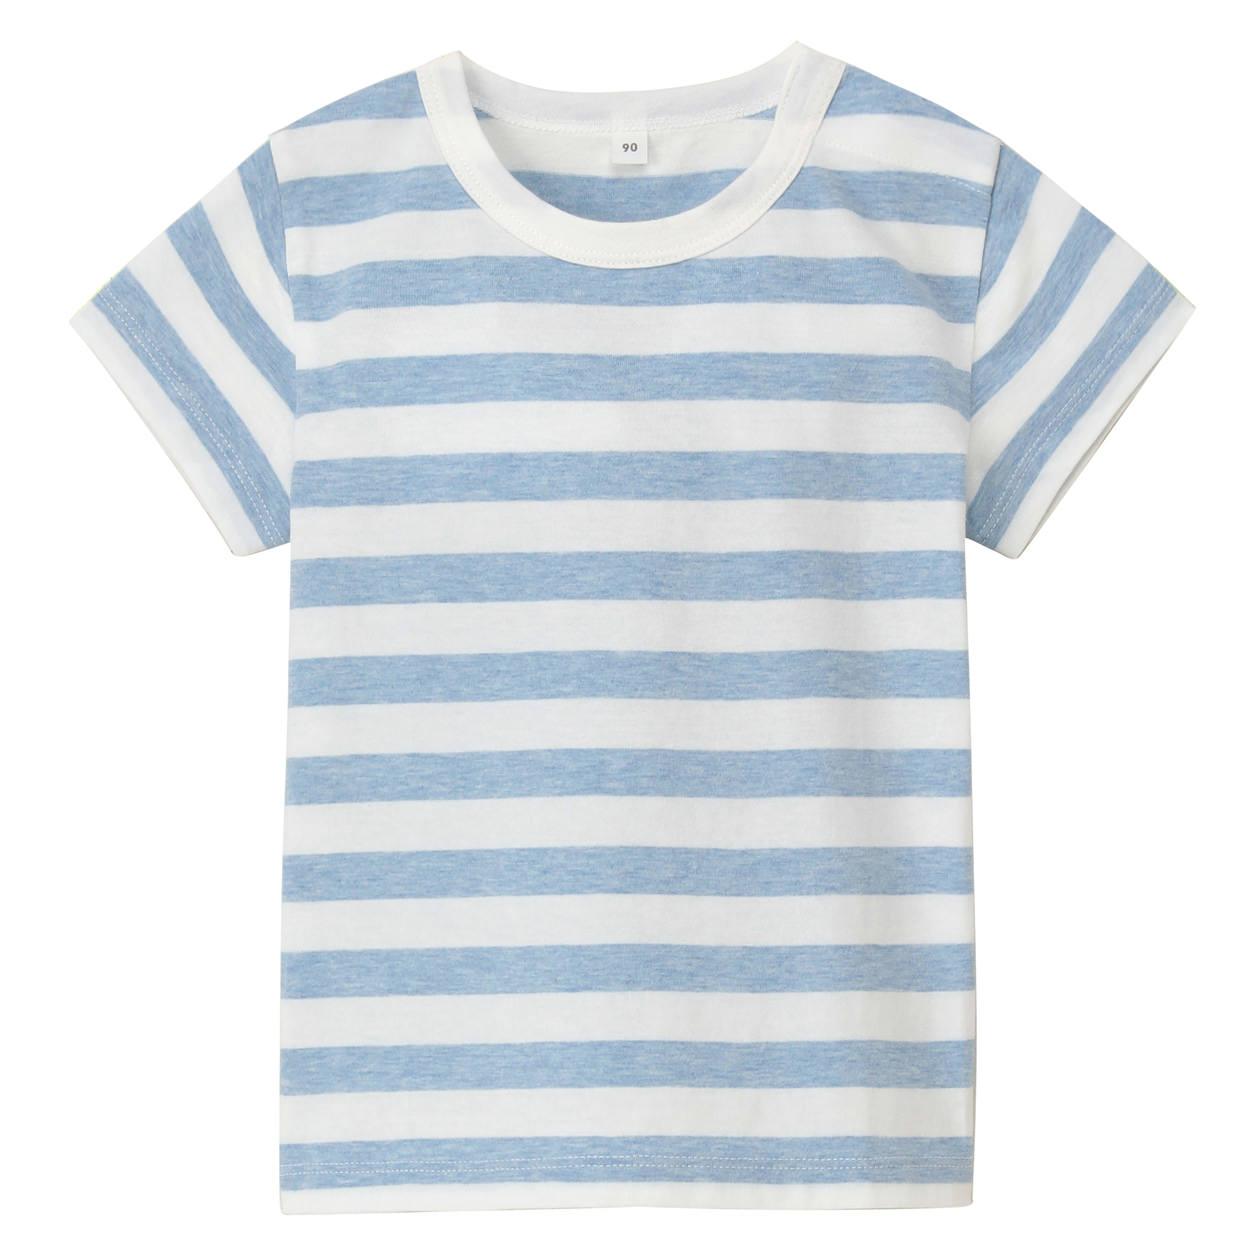 毎日のこども服オーガニックコットンしましま半袖Tシャツ(ベビー)